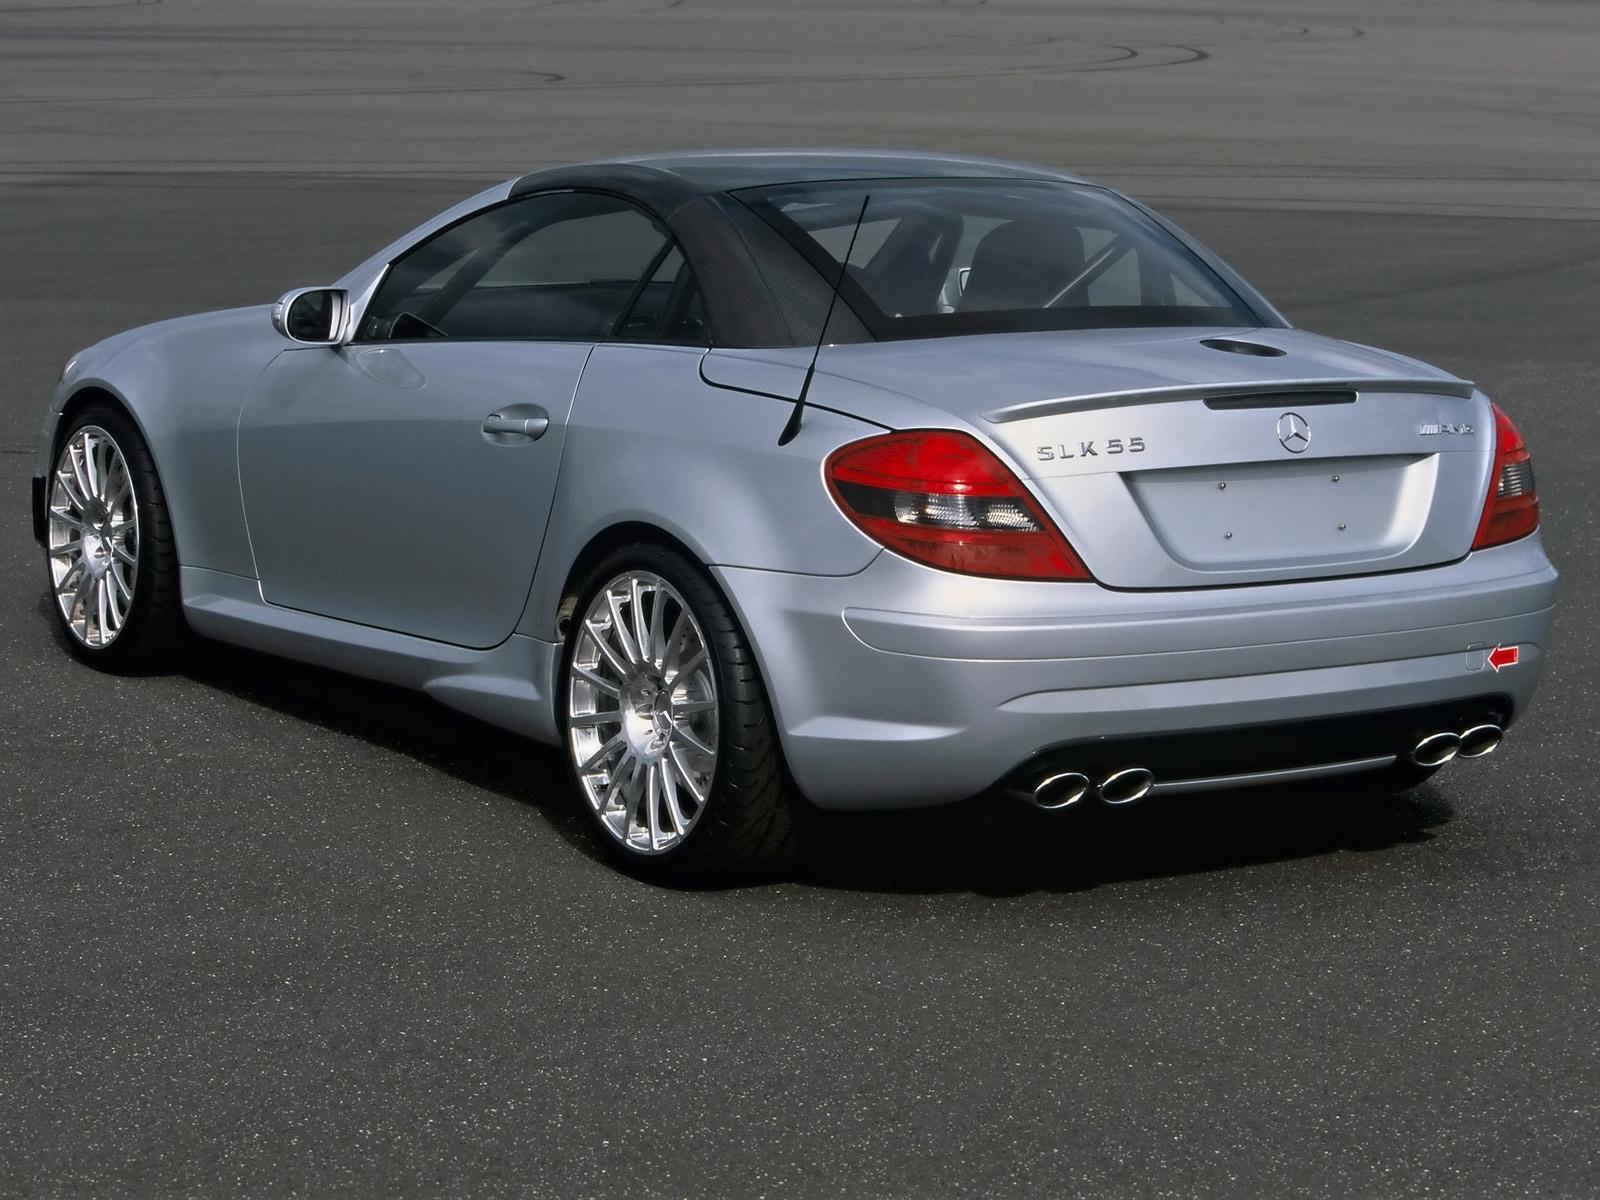 http://1.bp.blogspot.com/-F28YzQJm0WM/ThMF8Il-SAI/AAAAAAAACo0/iZFm6Us561k/s1600/Mercedes-Benz%2BSLK%2B55%2BAMG%2BBlack%2BSeries1.jpg